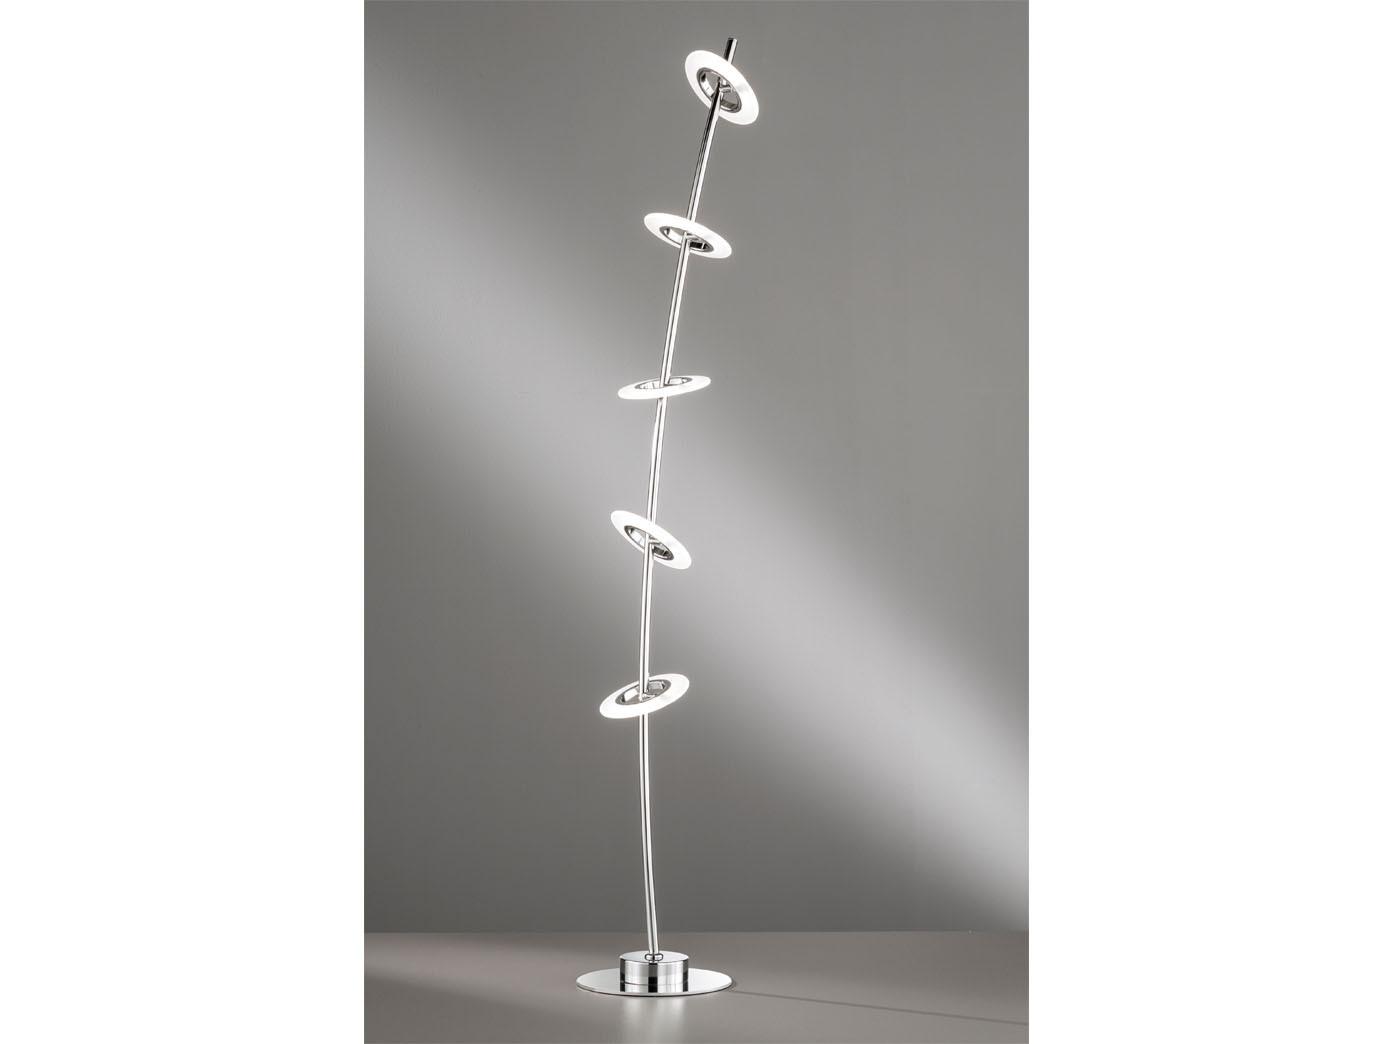 Moderne 5flammige Stehleuchte Led Mit Dimmer Design Wohnzimmerlampe Mehrflammig Kaufen Bei Setpoint Deutschland Gmbh